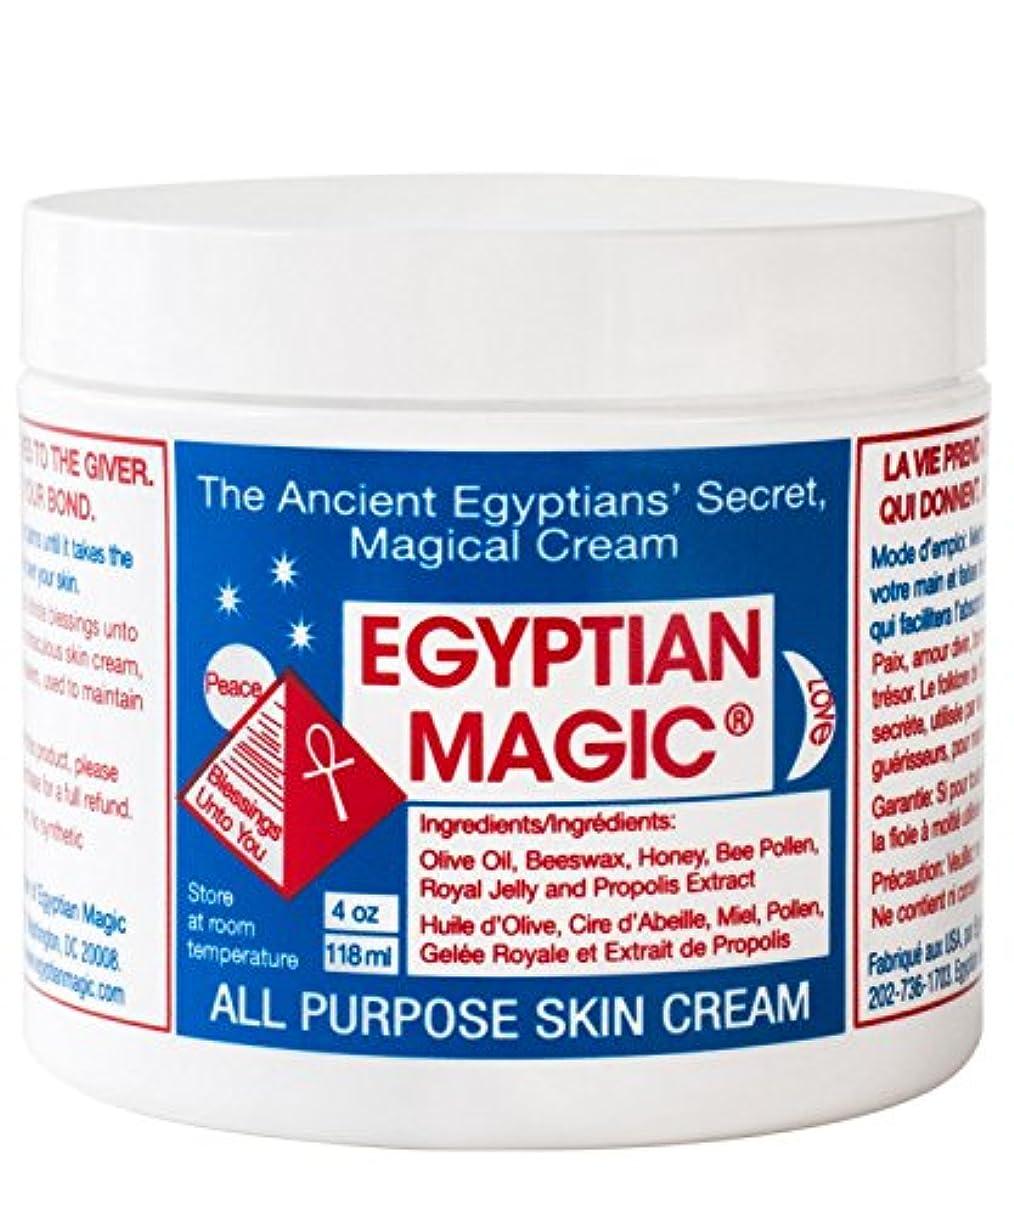 離れたディンカルビルクランシーエジプトの魔法の万能スキンクリーム118ミリリットル x4 - Egyptian Magic All Purpose Skin Cream 118ml (Pack of 4) [並行輸入品]